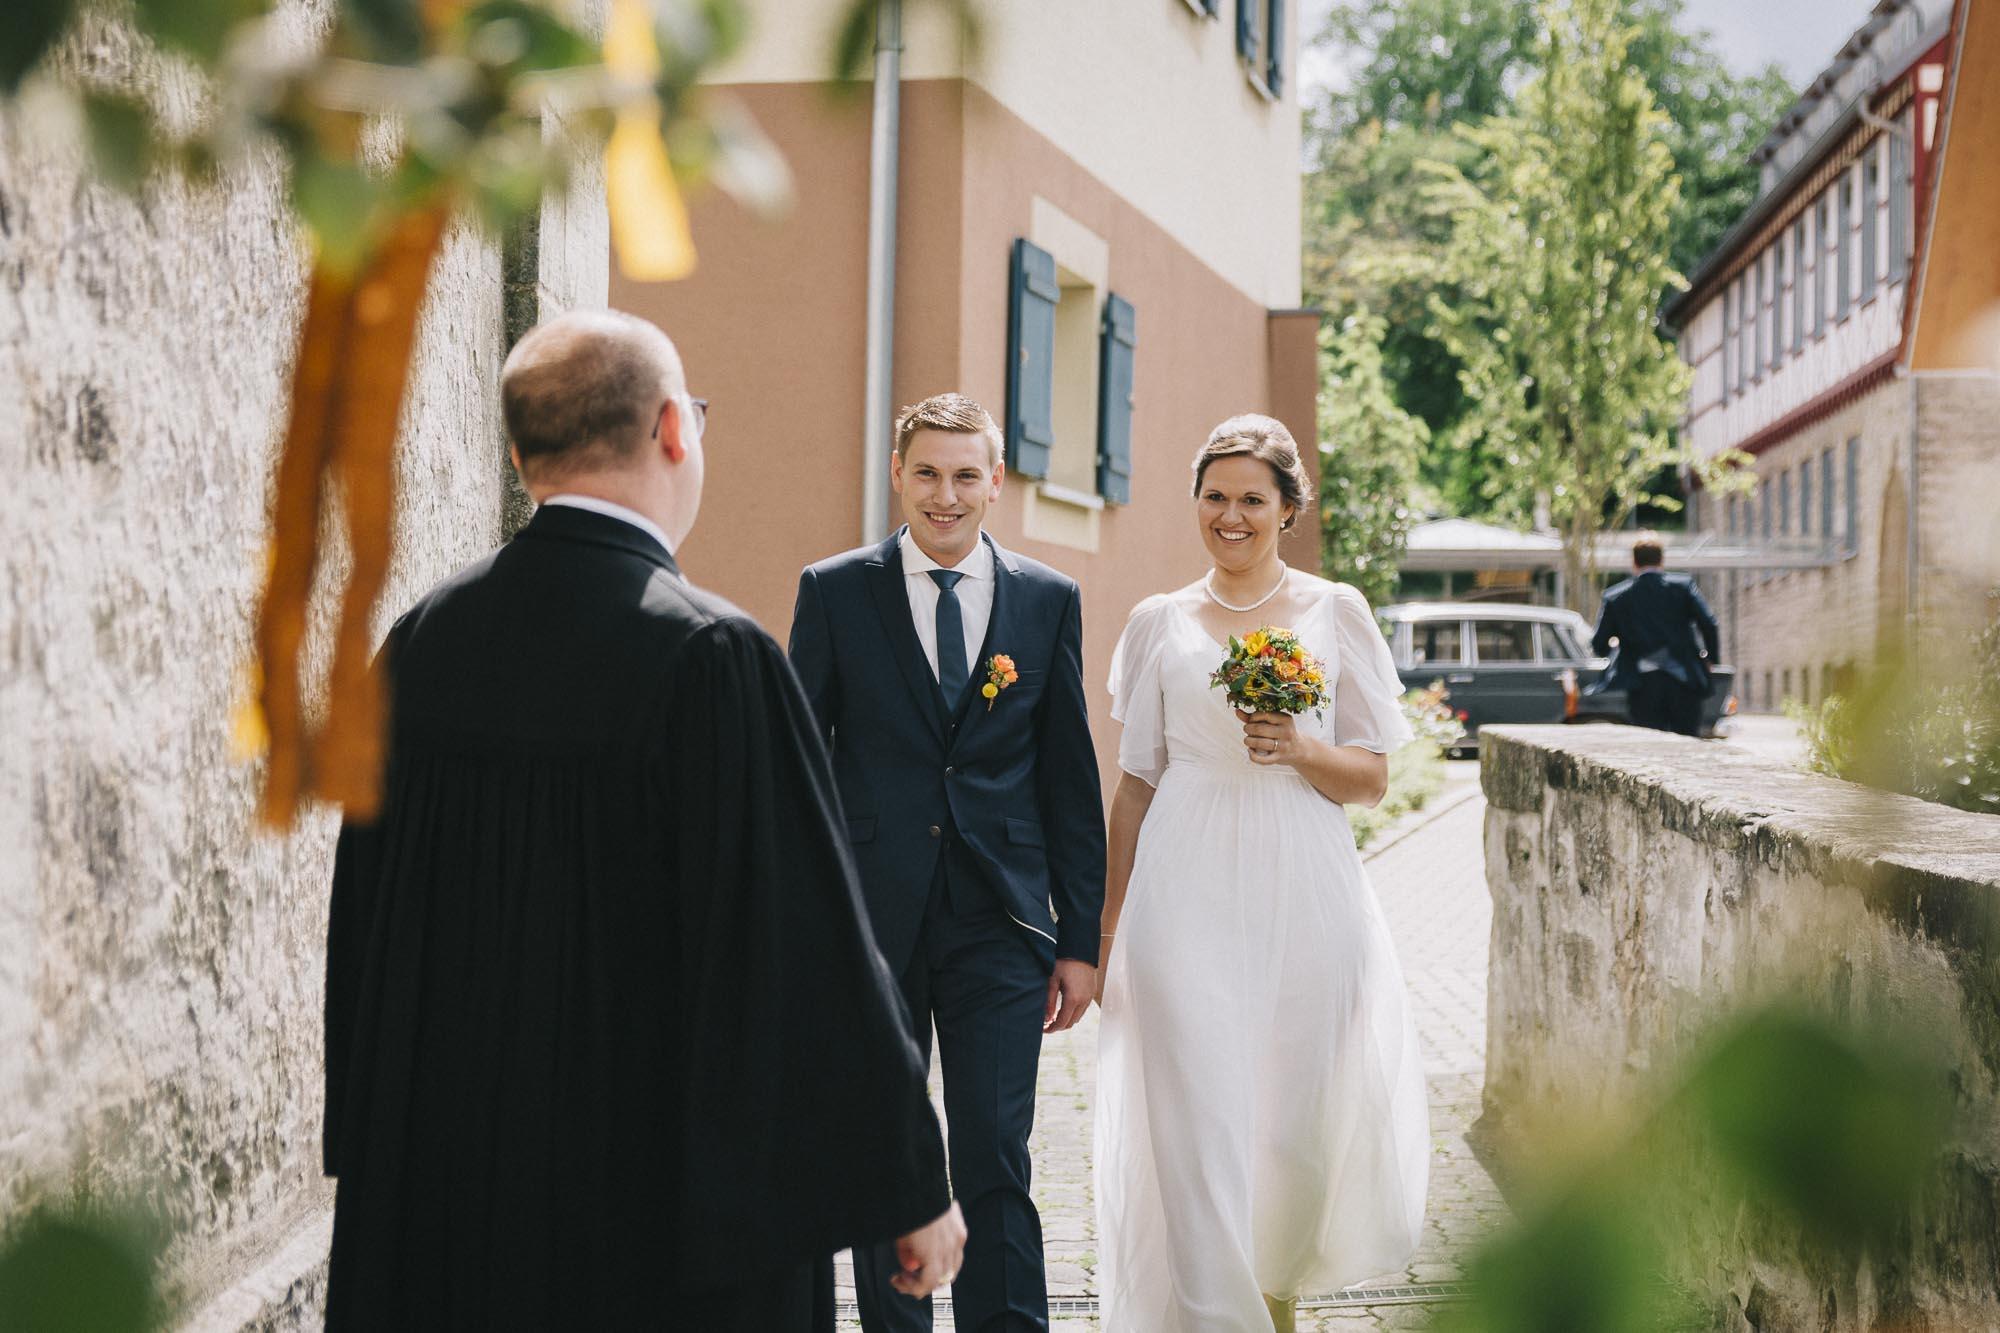 Hochzeitsreportage-Crailsheim-Krystina-Stefan-37